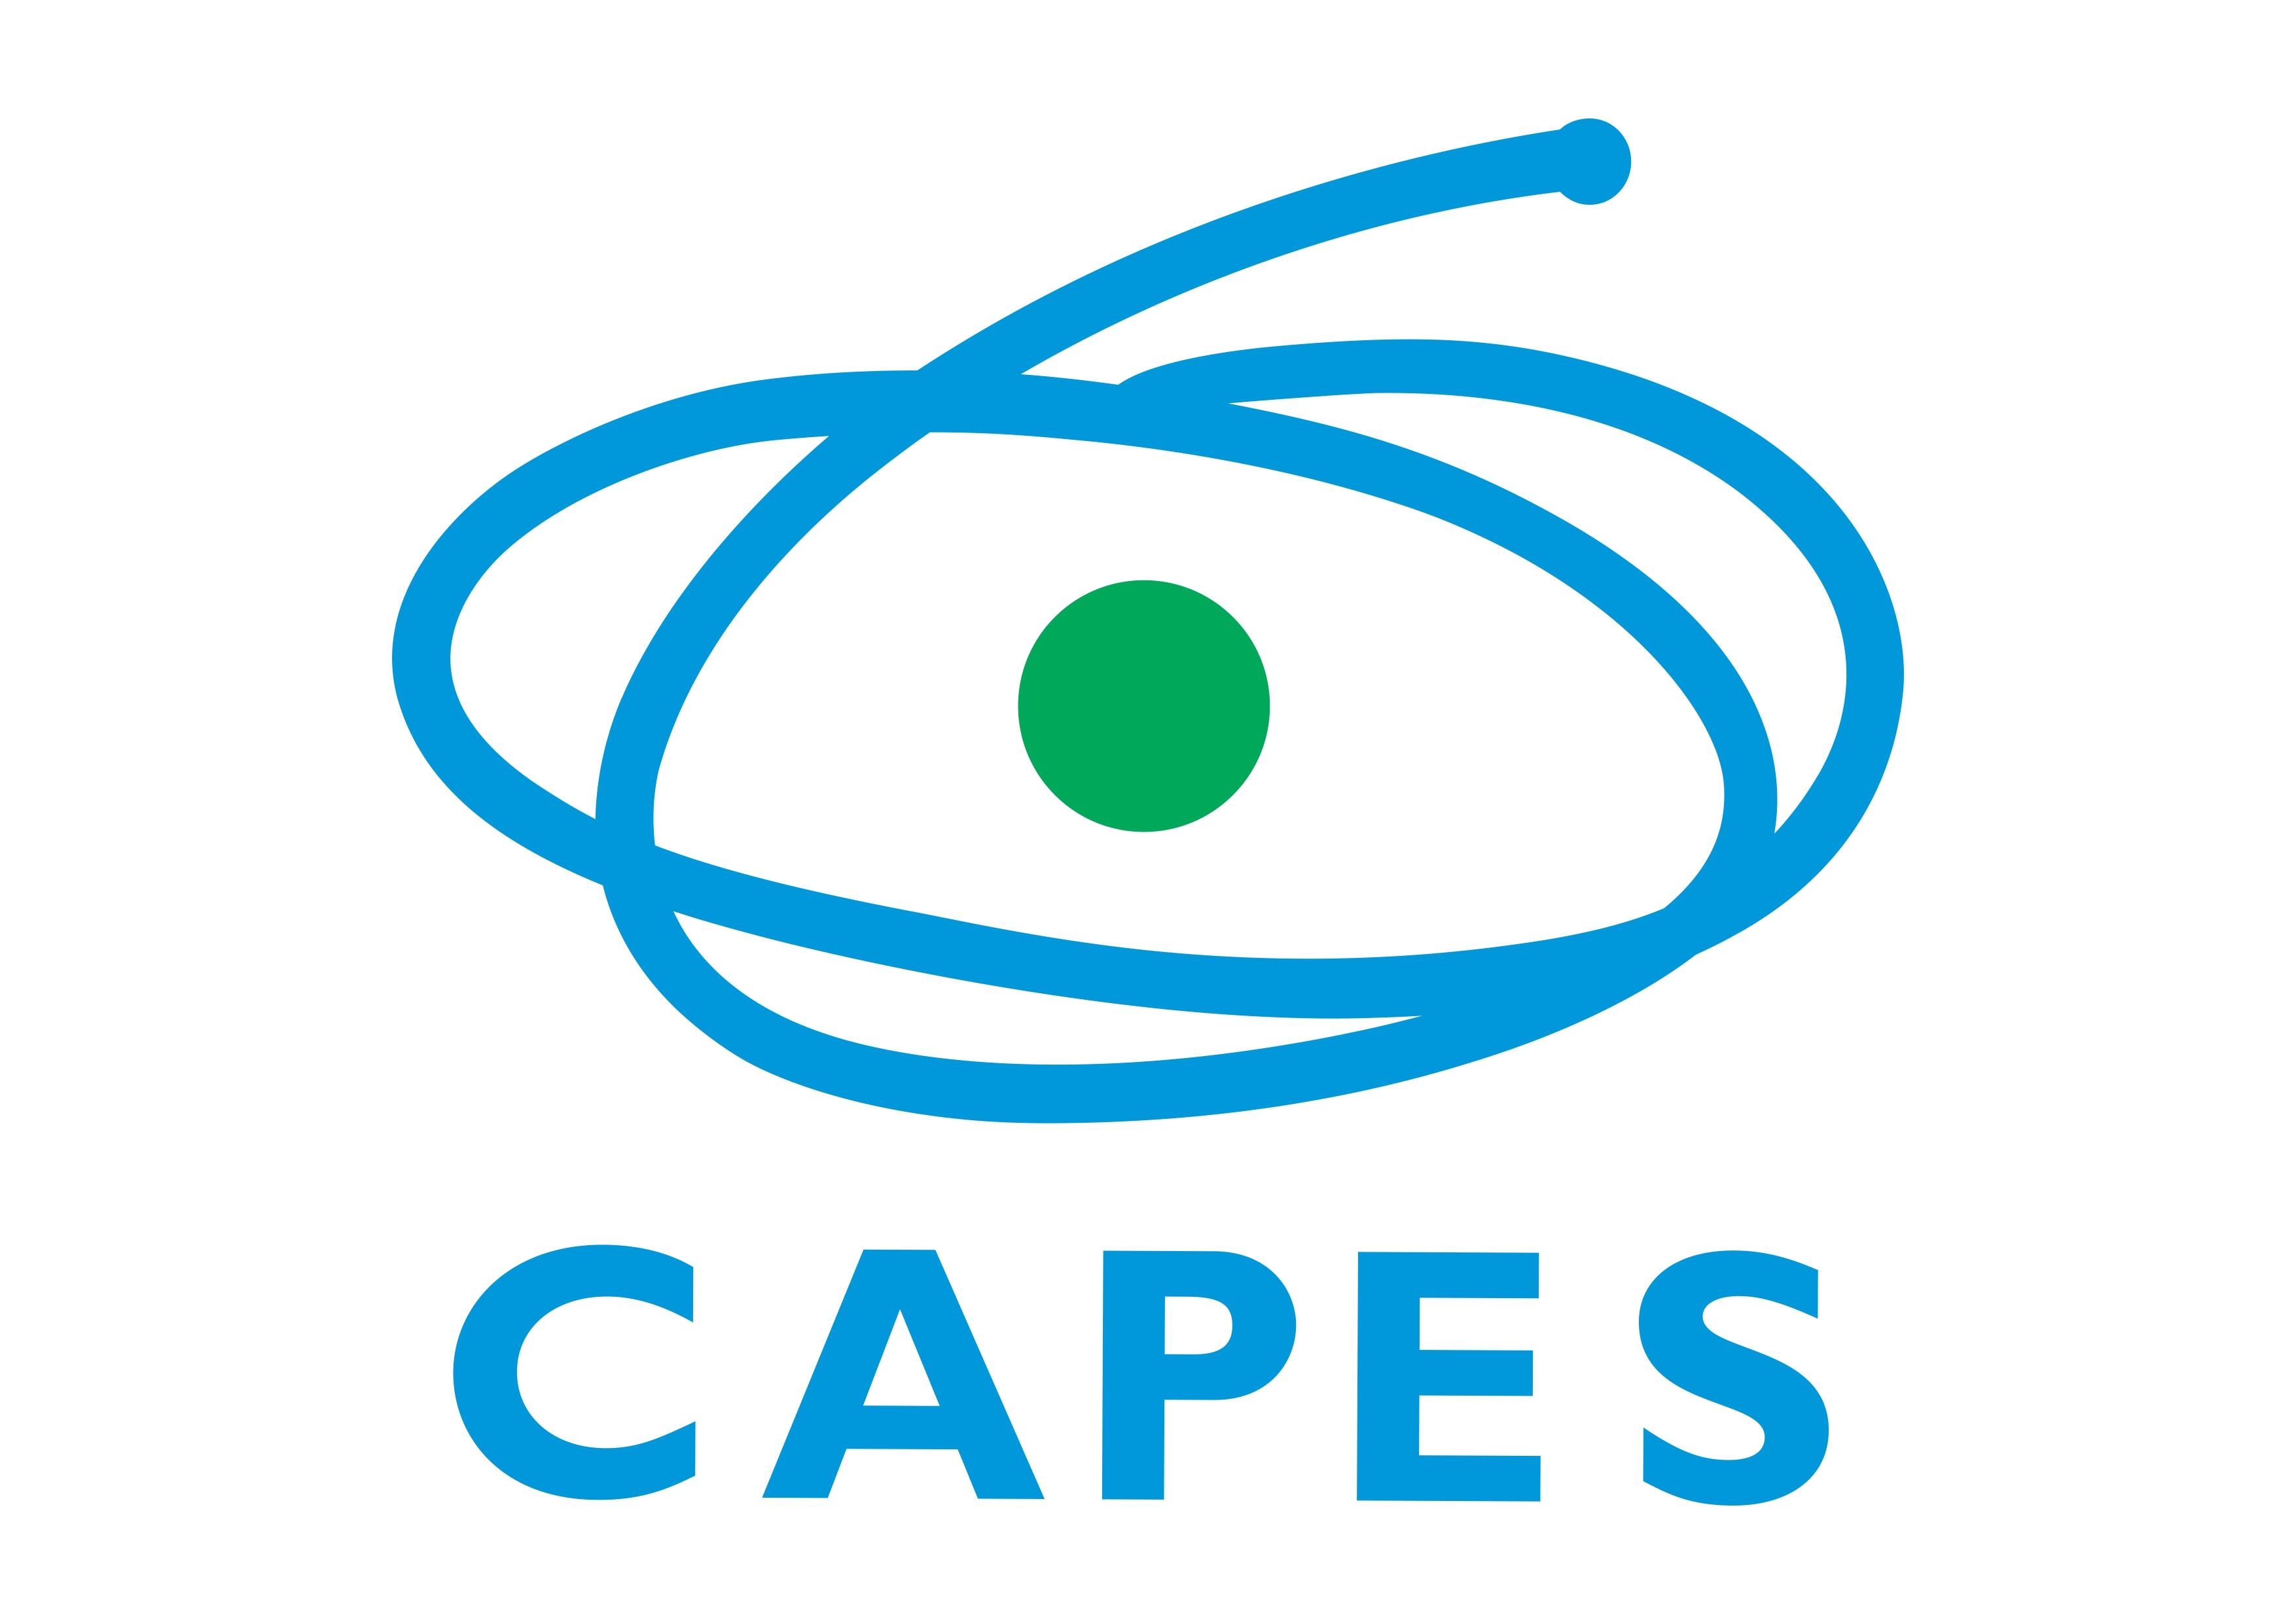 Capes - Coordenação de Aperfeiçoamento de Pessoal de Nível Superior